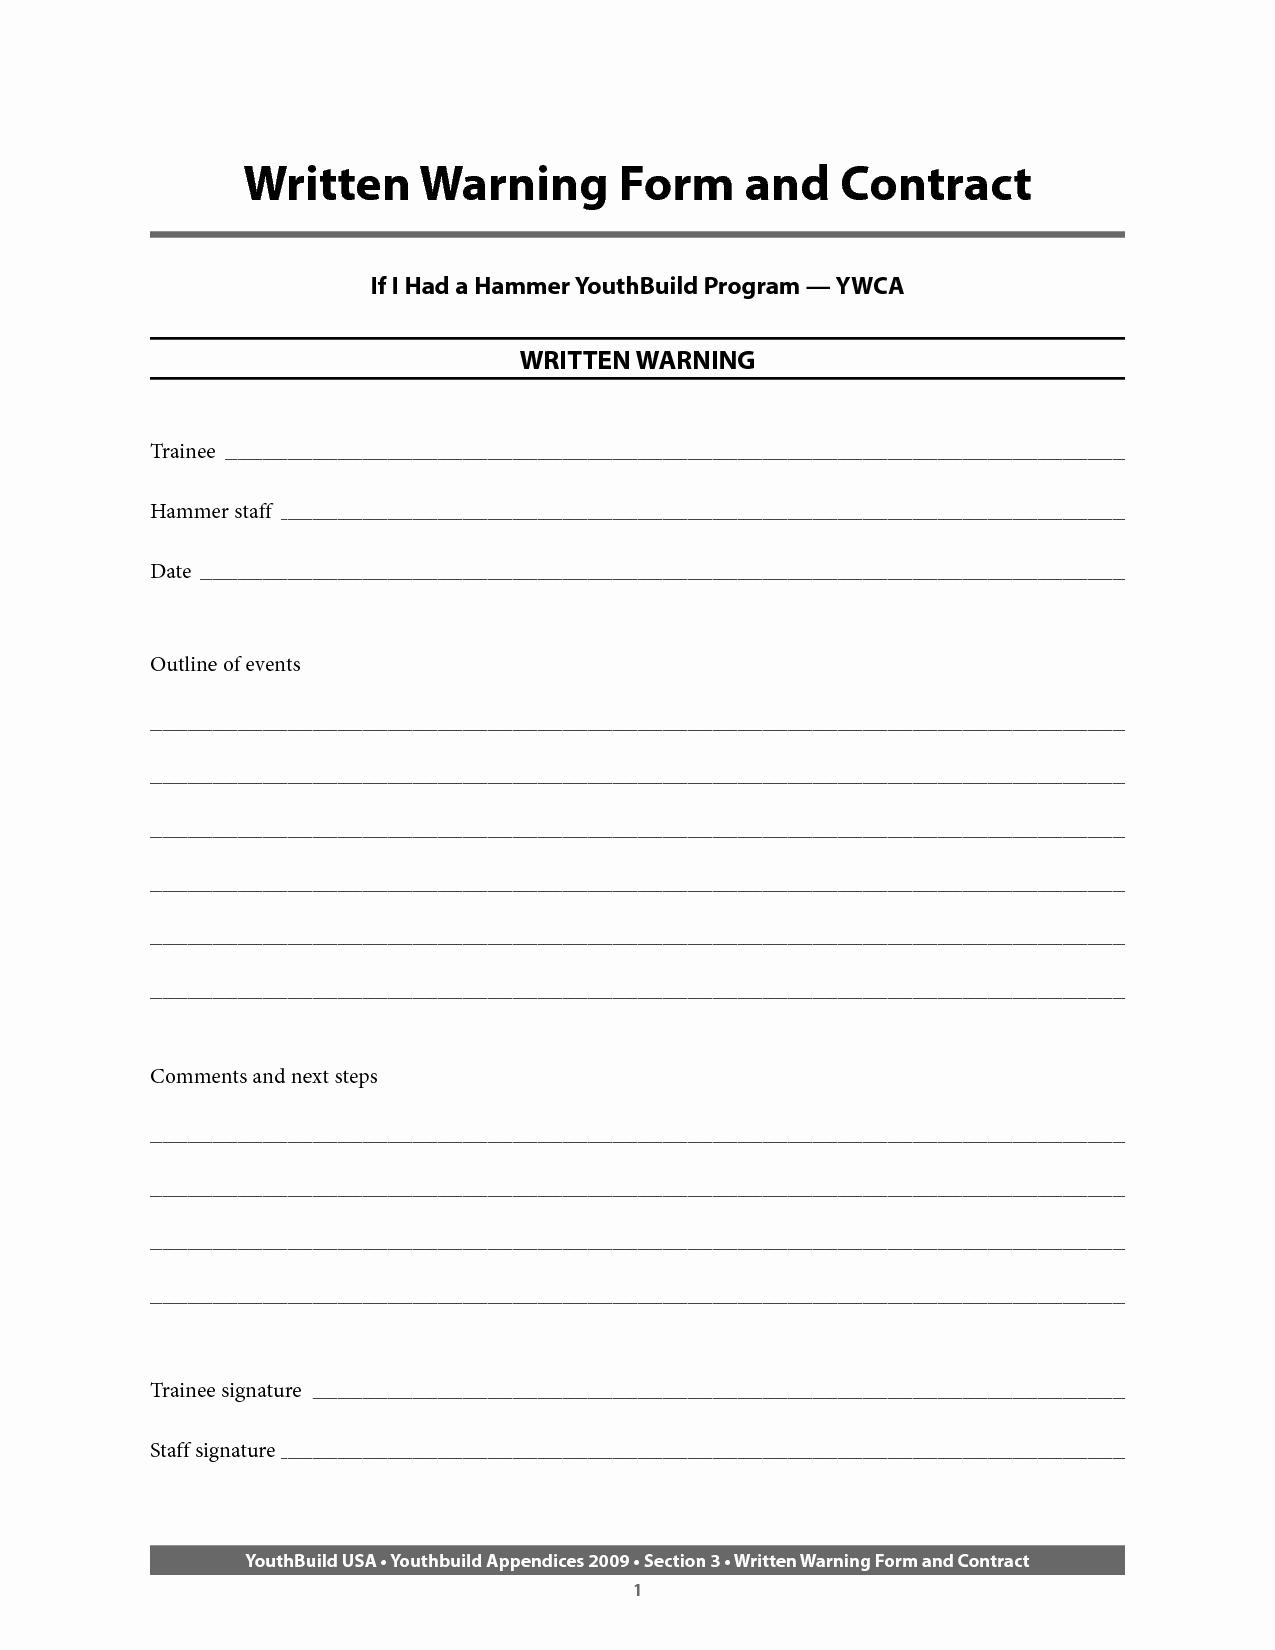 Employee Written Warning Template Free Luxury Written Warning Template